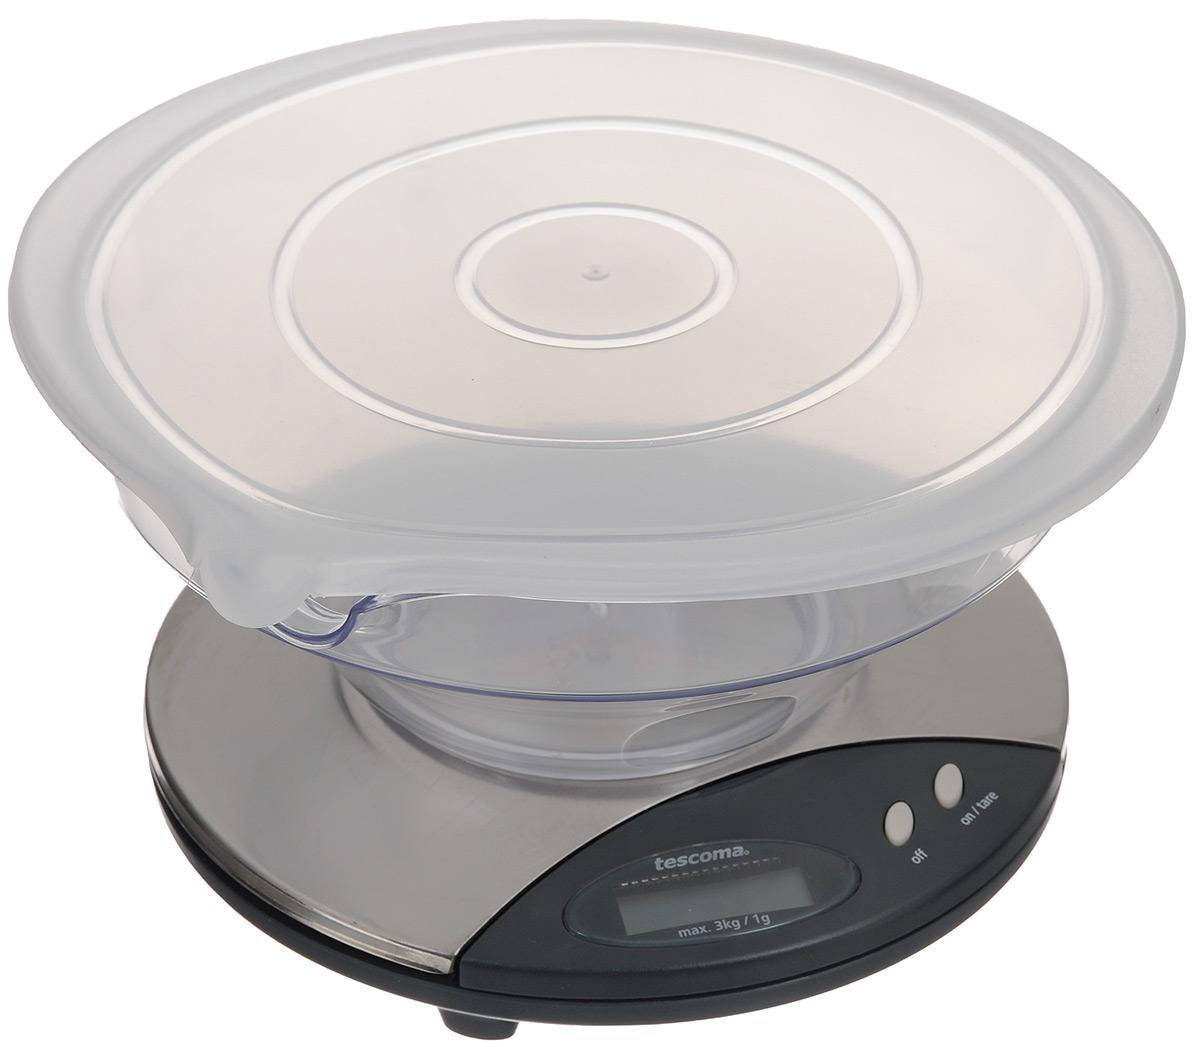 Tescoma Delicia 634572 электронные кухонные весы634572Электронные кухонные весы Tescoma Delicia 634572 замечательны для взвешивания продуктов весом до 3 кг. Весы обладают функцией суммирования с возможностью последовательного взвешивания нескольких видов продуктов в одной емкости. Tescoma Delicia 634572 имеют высокую точность взвешивания - отклонение составляет всего 1 г. Эти весы безусловно станут отличным помощником для любой хозяйки!